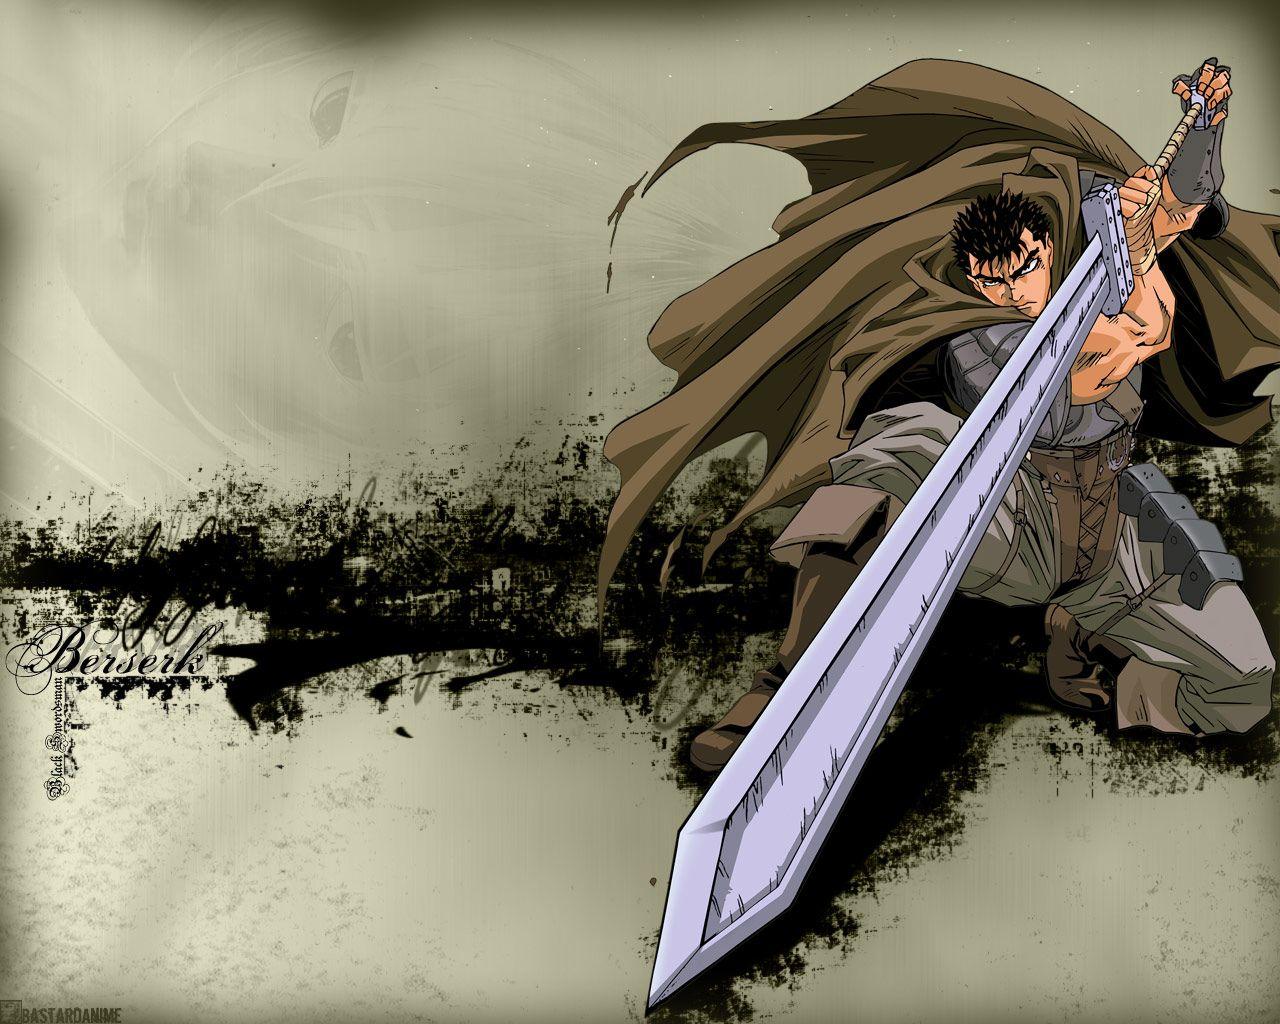 Anime Berserk Gaz Guts Berserk Wallpaper Images for Drawings 1280x1024